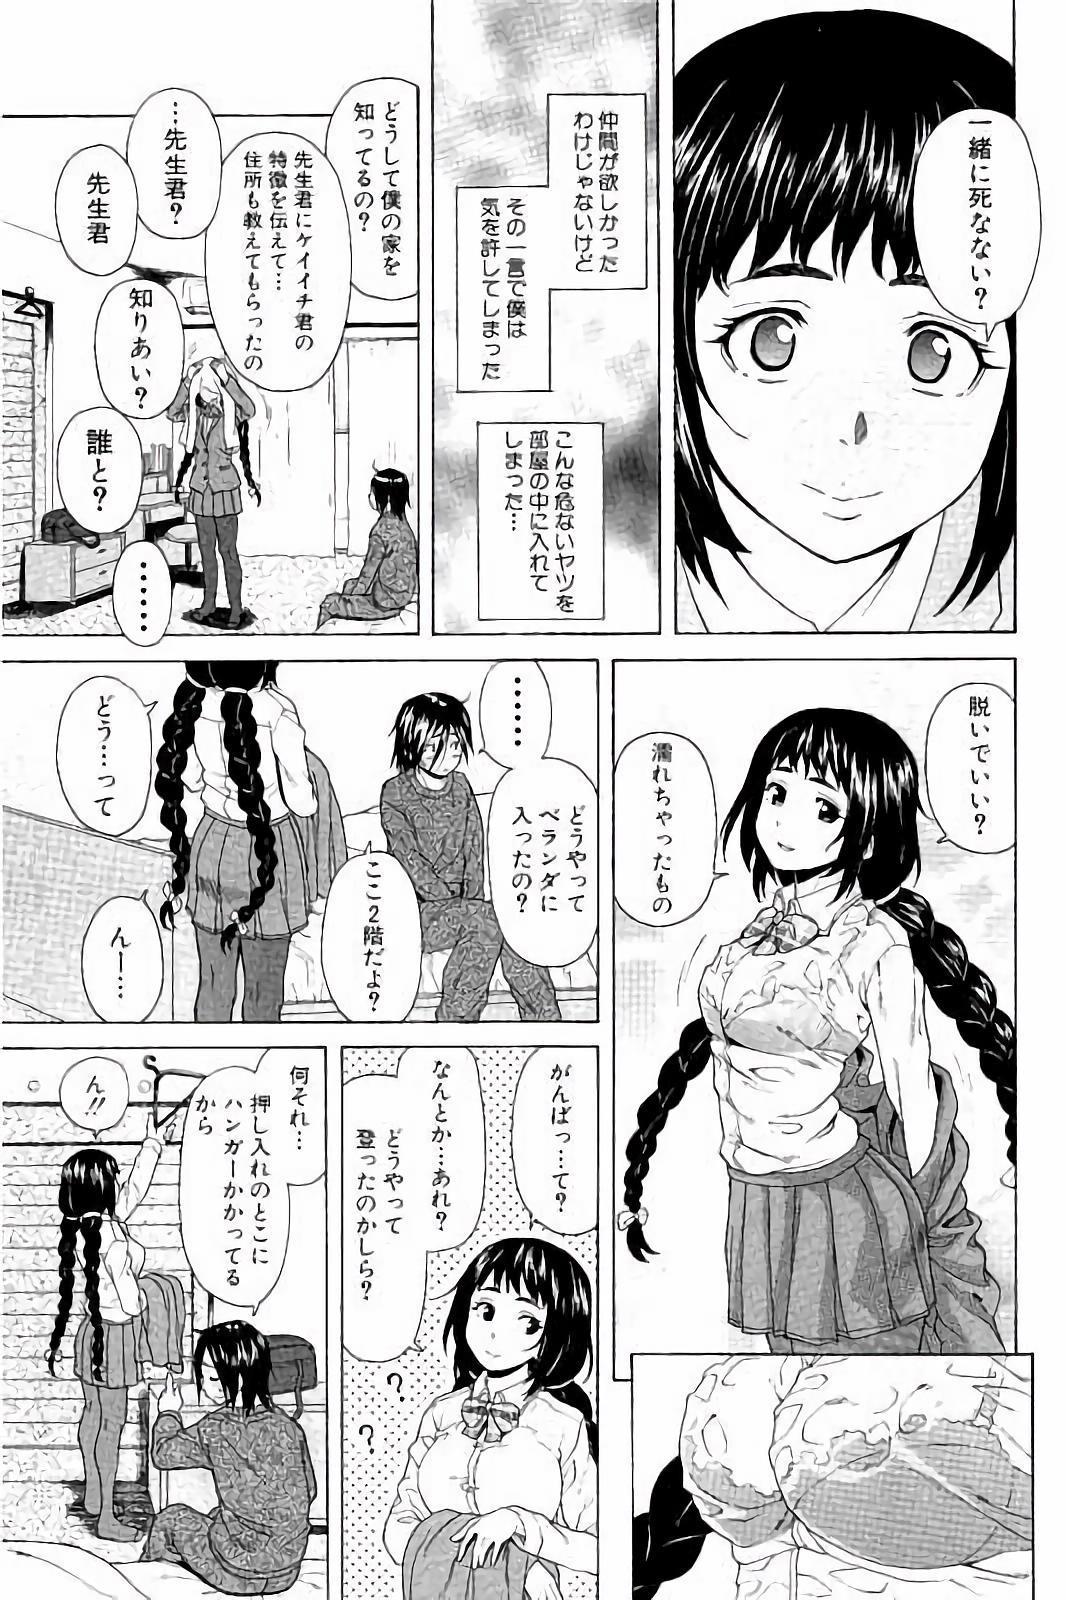 Ane no Himitsu To Boku no Jisatsu 16